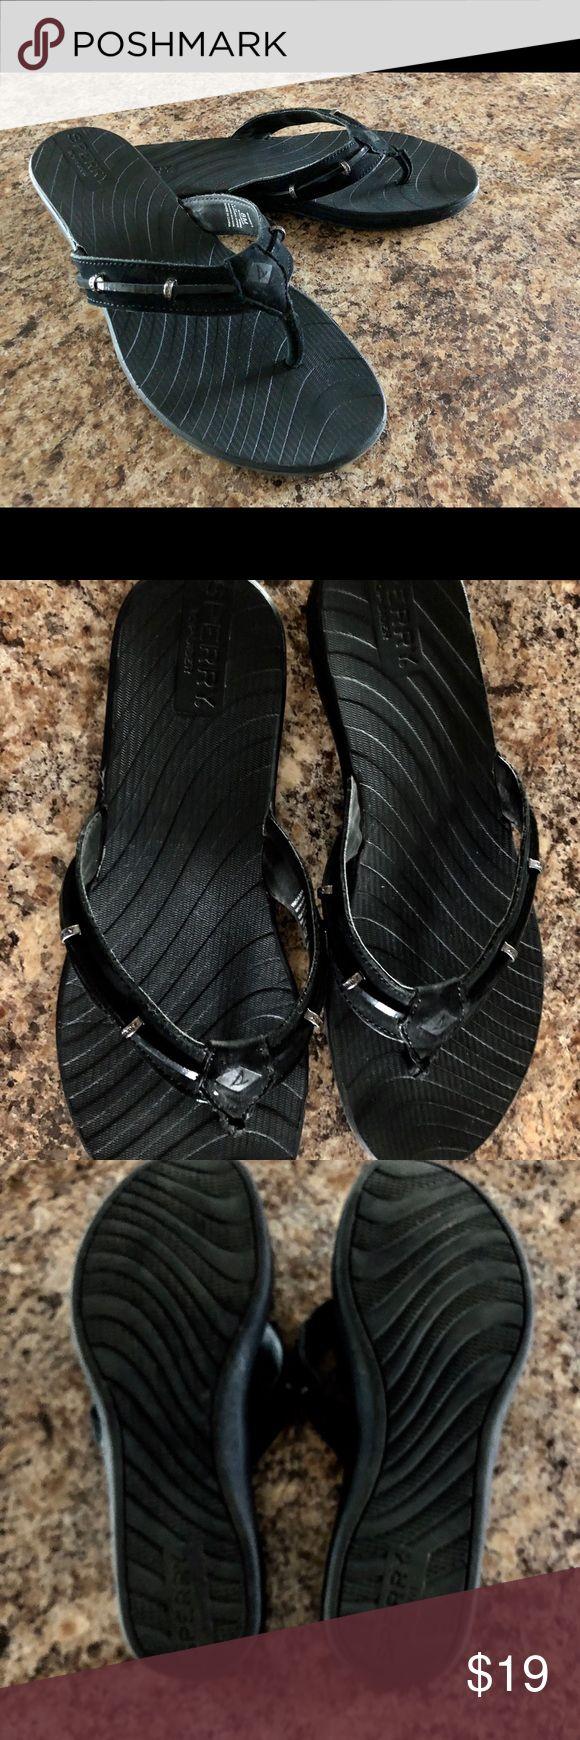 Sperrys Topsider flip-flops size 7 women Sperrys Topsider Black leather upper flip-flops size 7 women Sperry Top-Sider Shoes Sandals